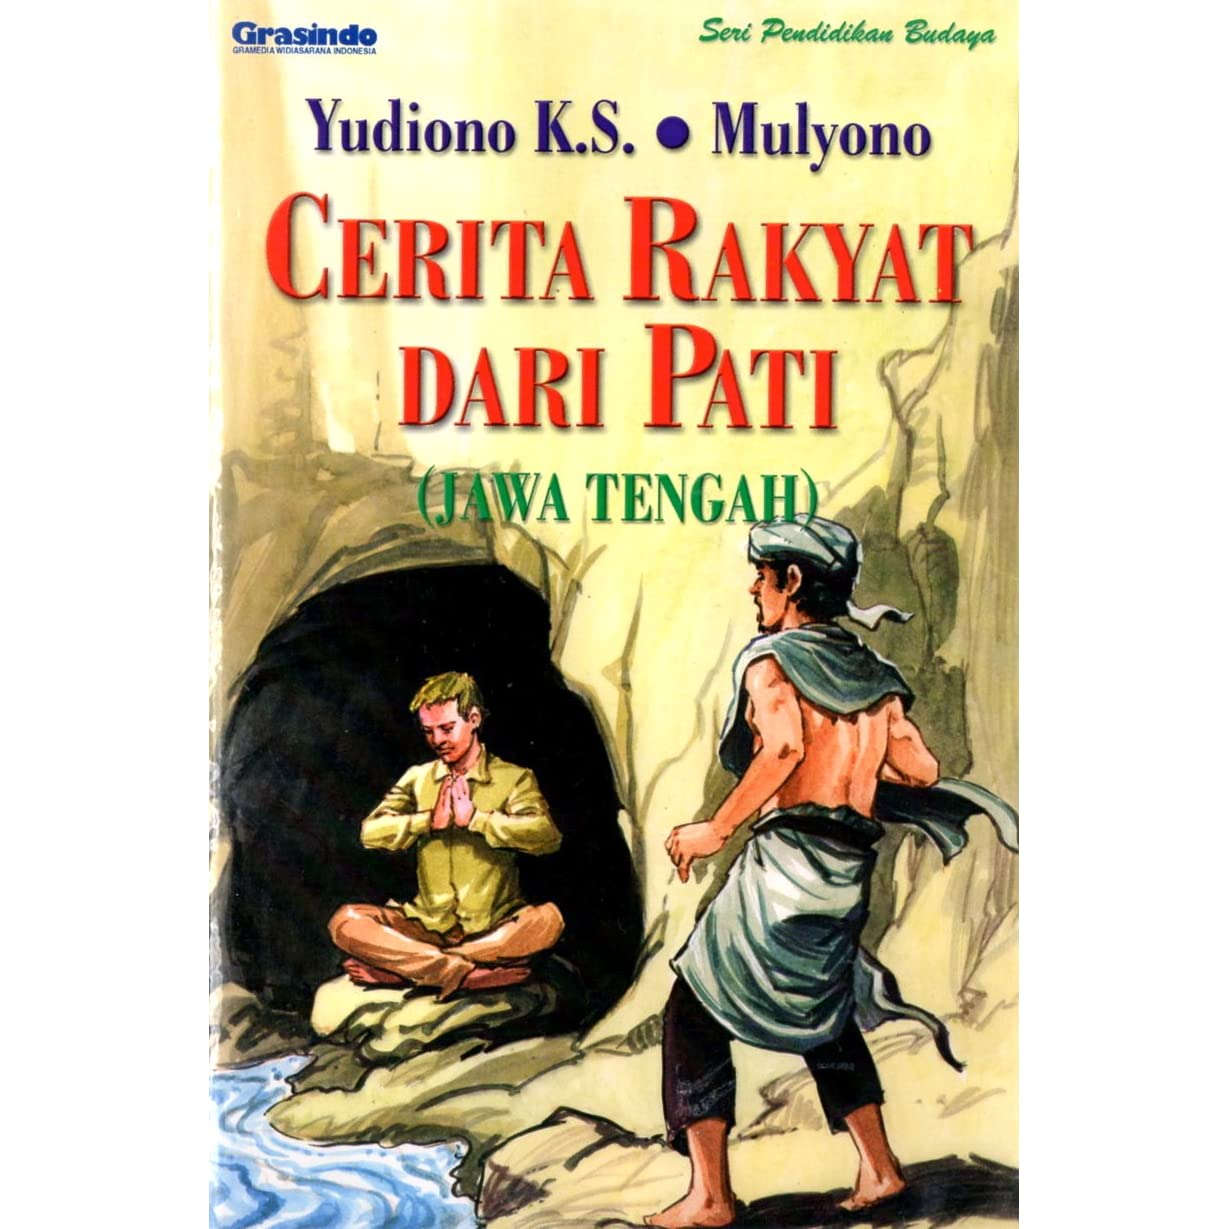 Cerita Rakyat Dari Pati By Yudiono K S Mulyono